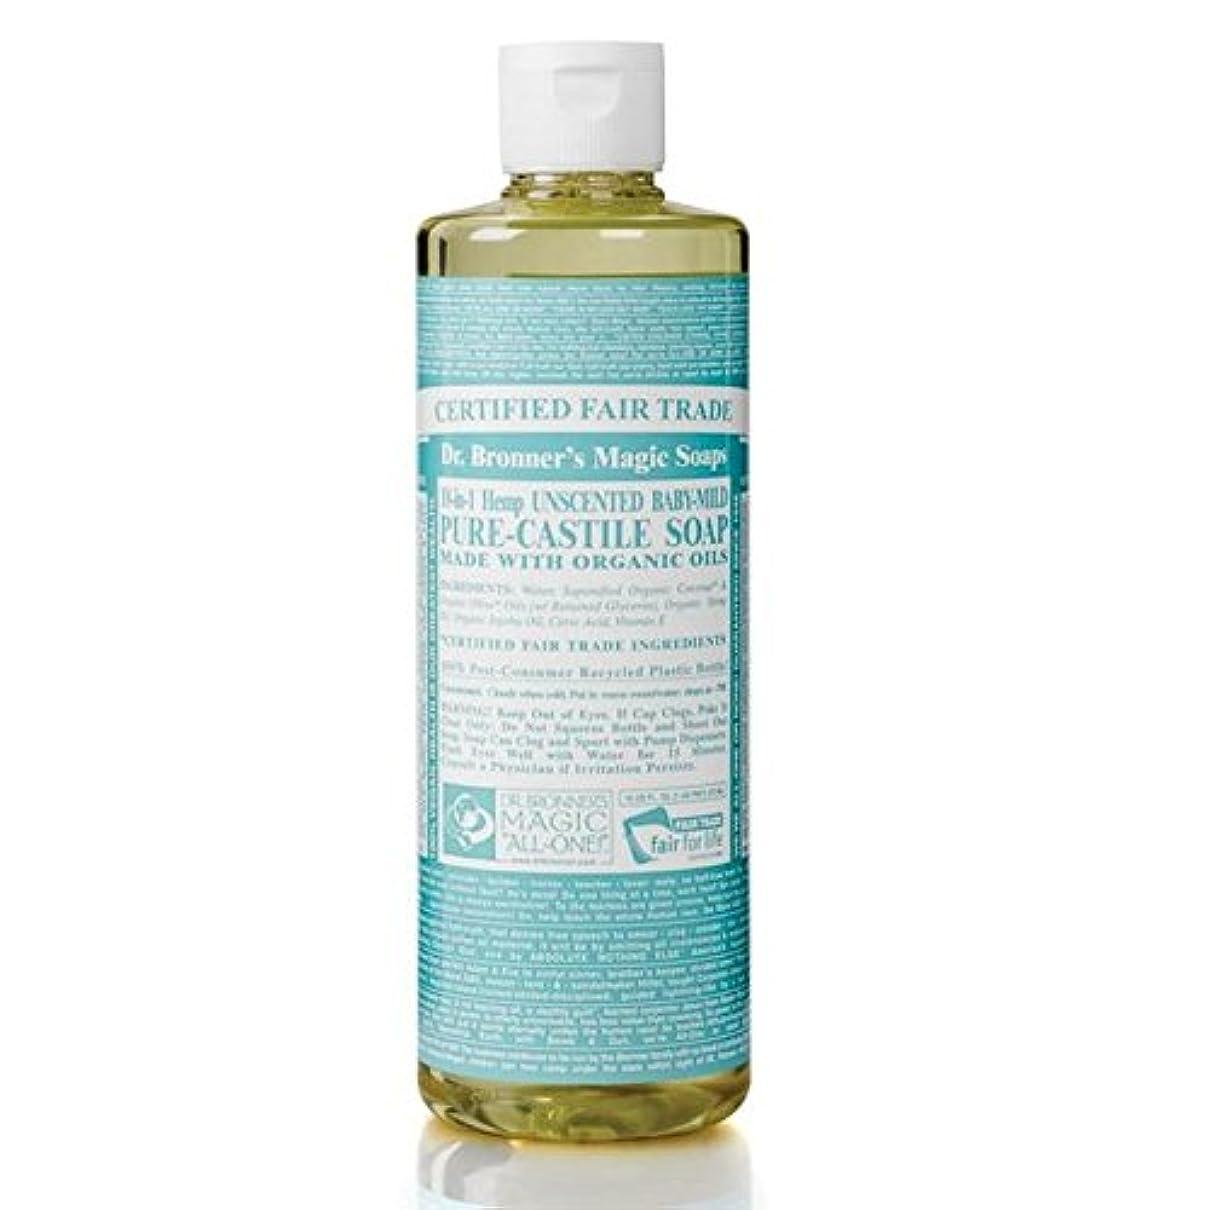 エクステント記録音声のブロナーオーガニックベビーマイルドなカスティーリャ液体石鹸473ミリリットル x2 - Dr Bronner Organic Baby Mild Castile Liquid Soap 473ml (Pack of 2) [並行輸入品]